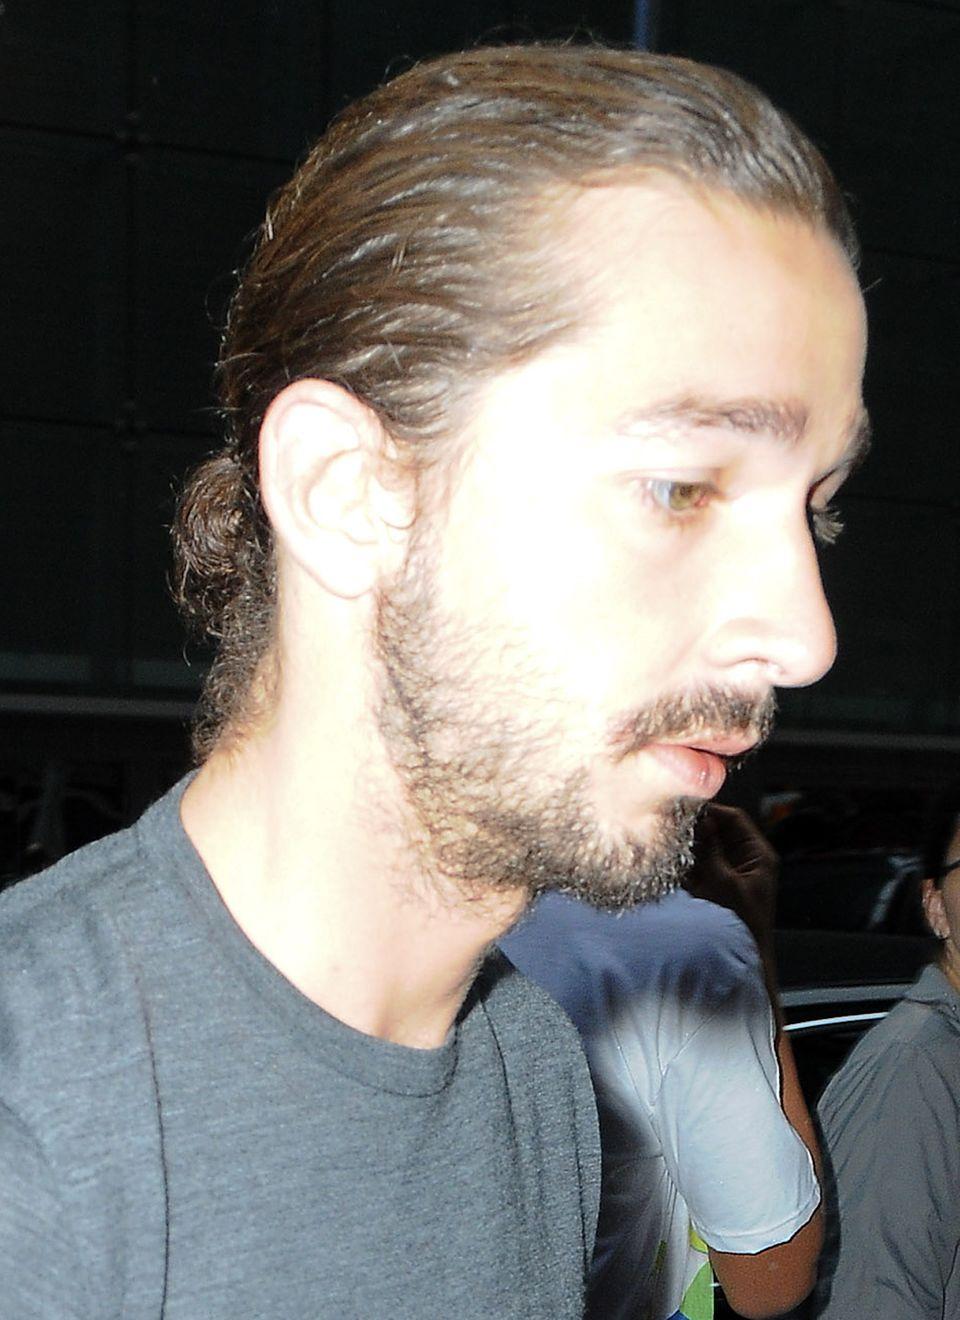 Nicht besonders vorteilhaft ist die Zopffrisur bei Shia LaBeouf. Seine Haare sind kraus und wirken durch die strenge Frisur splissig und ungepflegt.